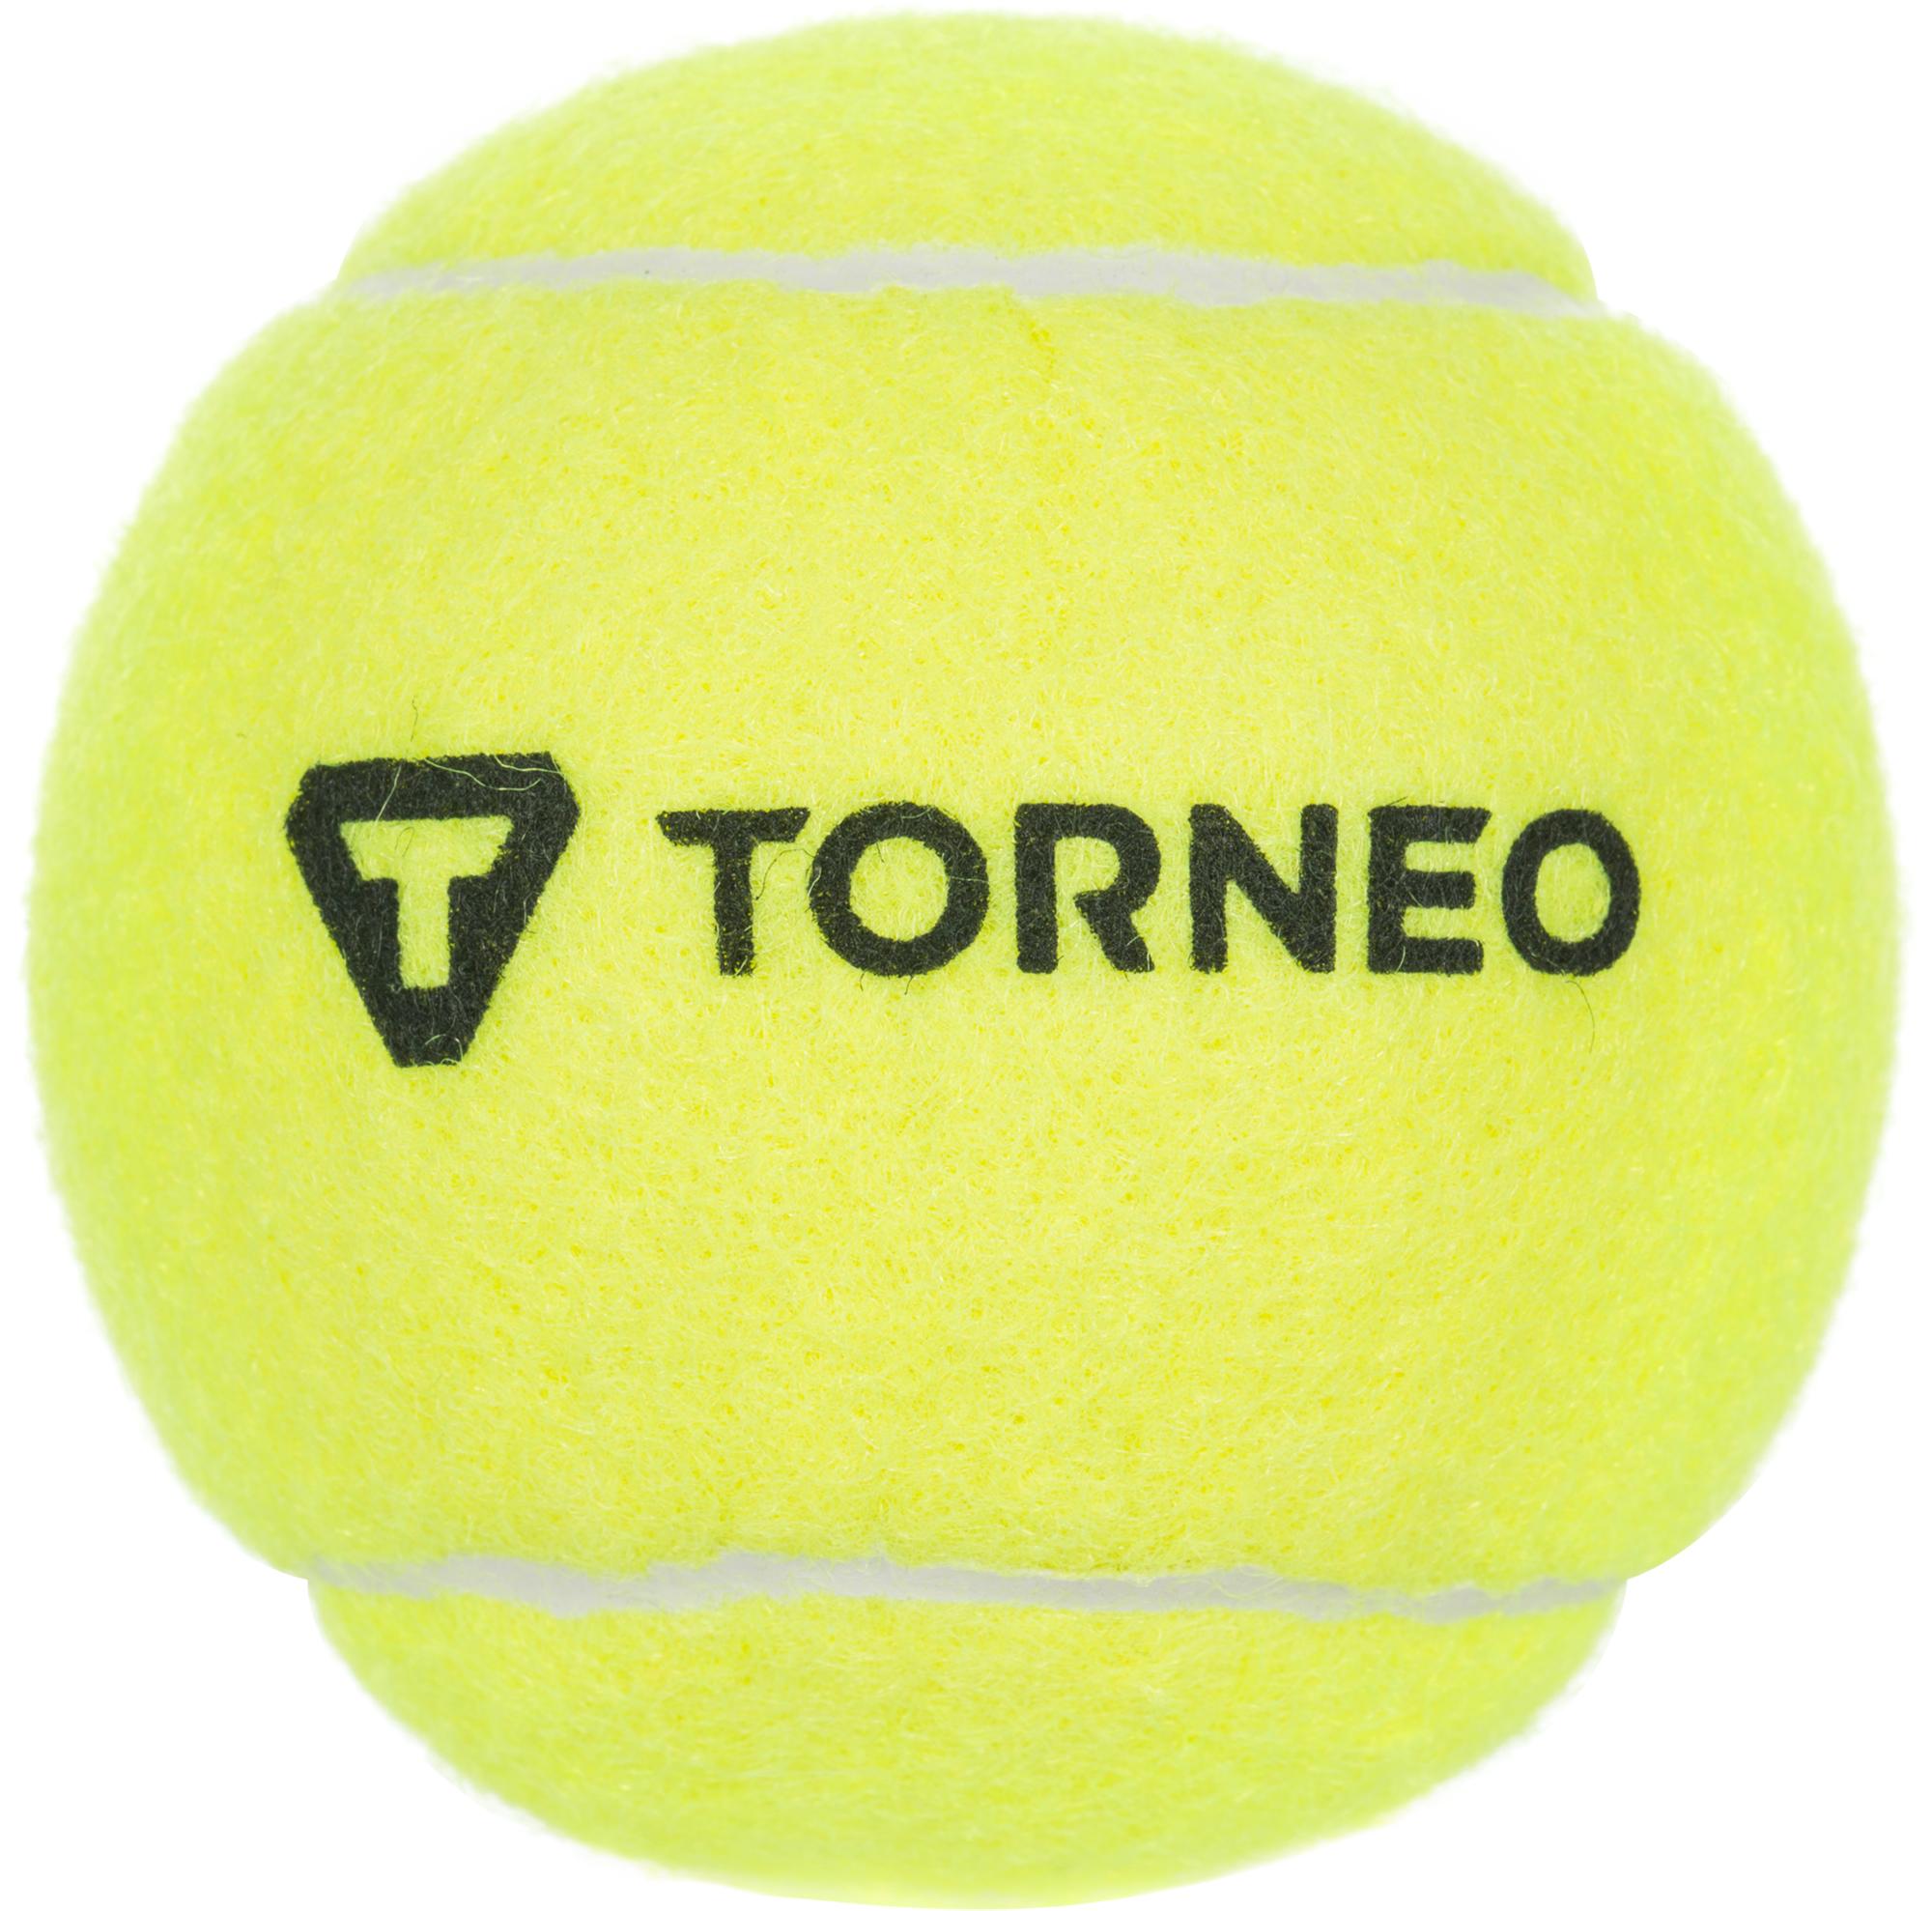 Torneo Мяч для большого тенниса Torneo torneo ракетка для большого тенниса детская torneo 25 размер без размера